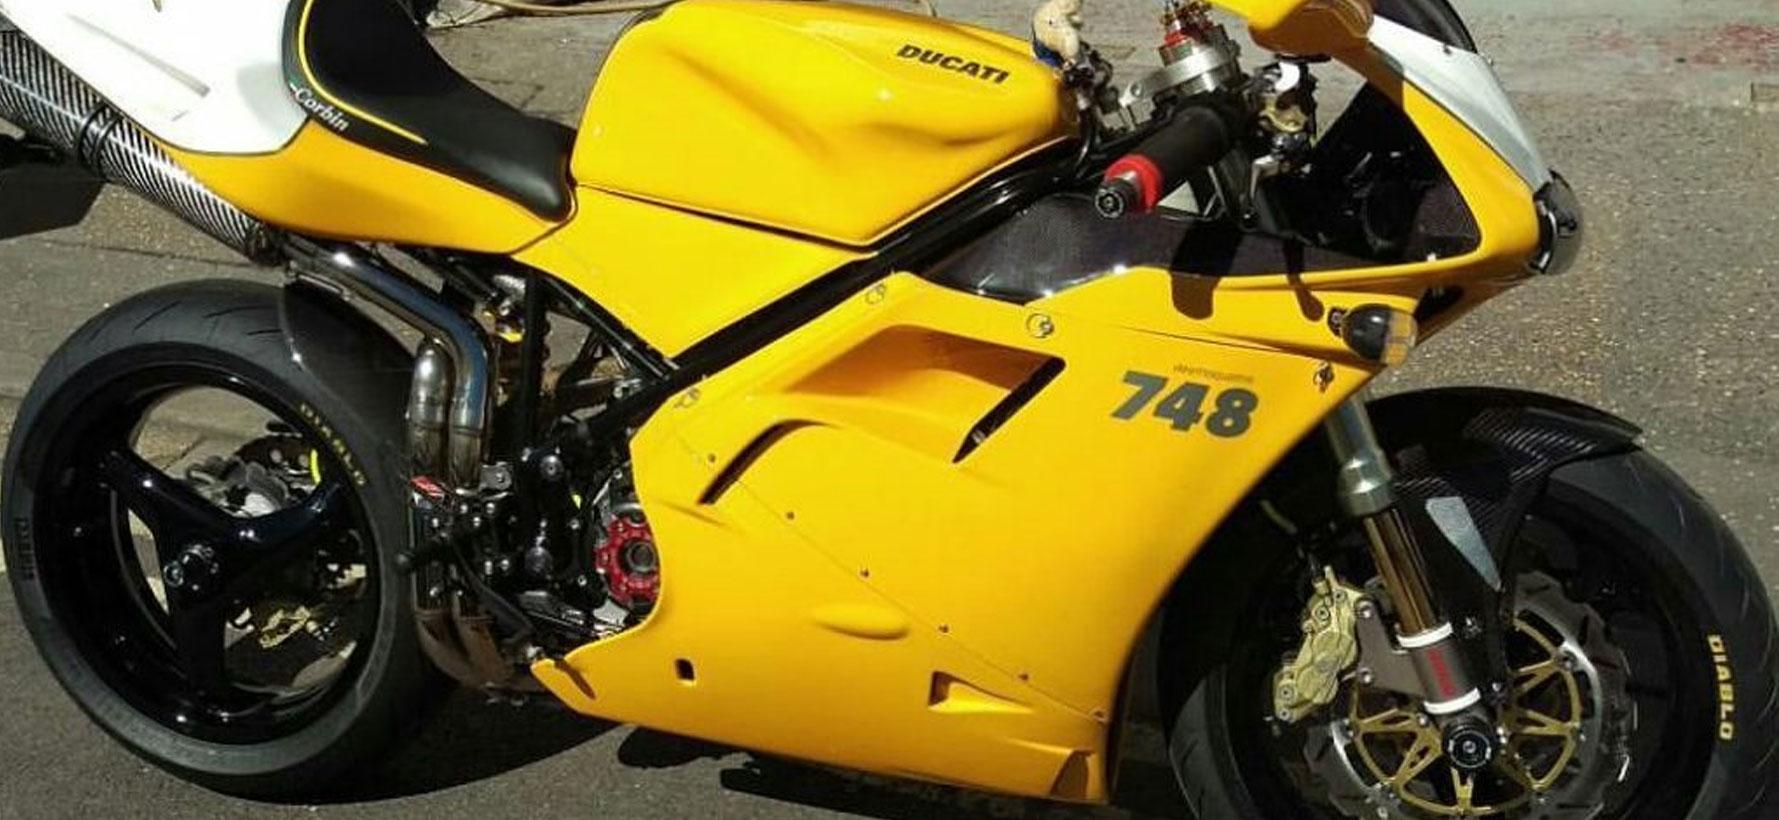 Ducati-748-Side